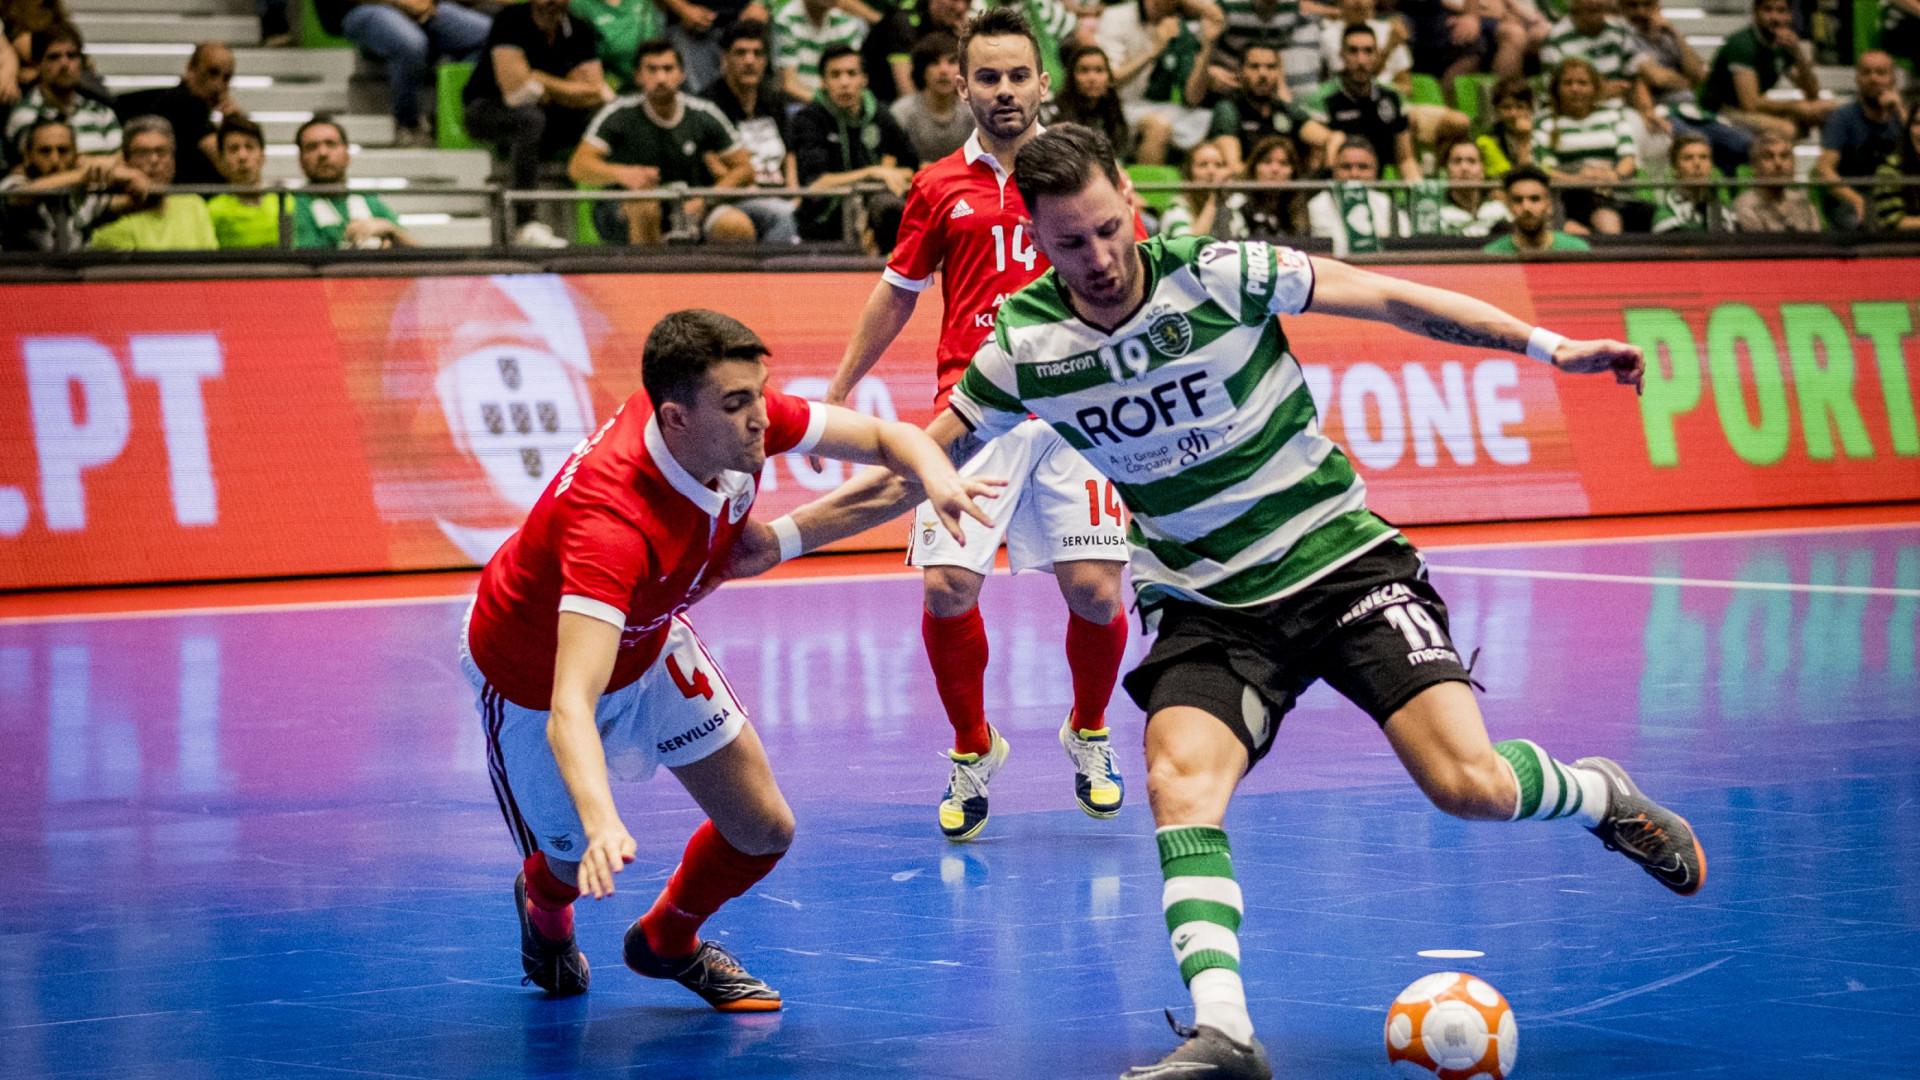 Vantagem de golos garante apuramento do Sporting e afastamento do Benfica